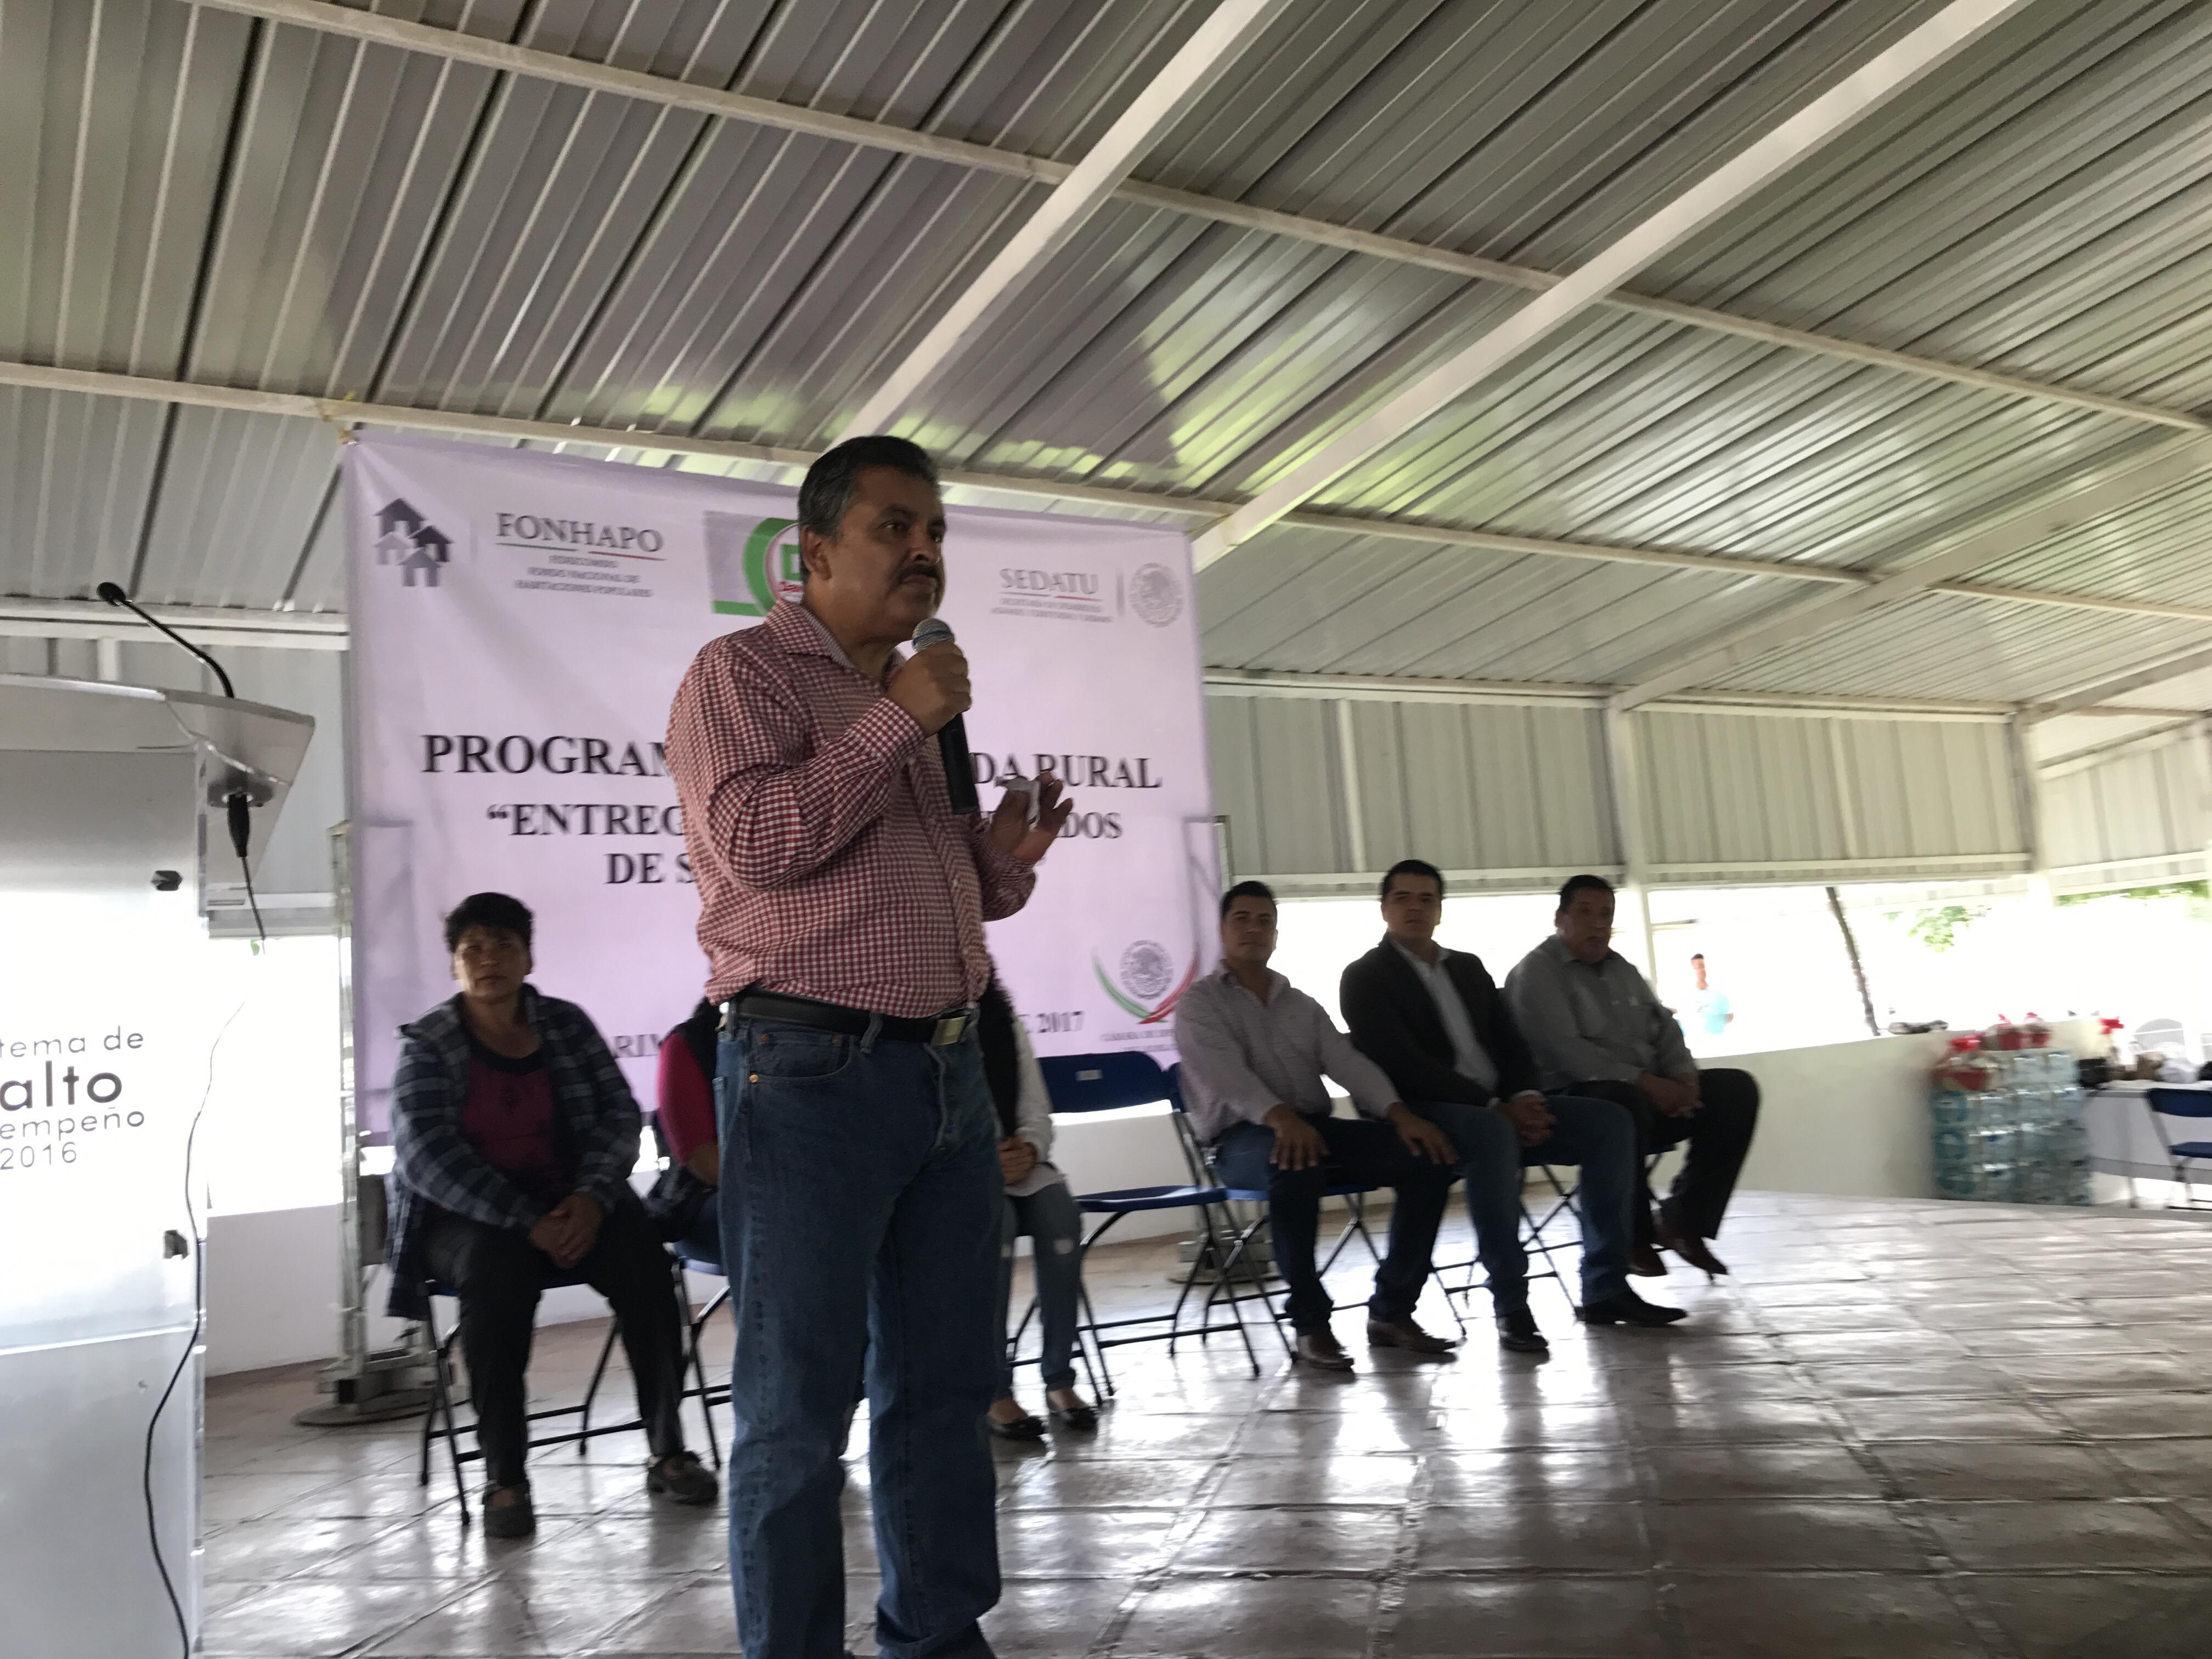 Gracias a las gestiones realizadas ante el Fondo Nacional de Habitaciones Populares (FONHAPO), el Diputado Federal David Mercado Ruiz benefició a un total de 150 familias con un cuarto adicional dentro del Programa de Apoyo a la Vivienda.